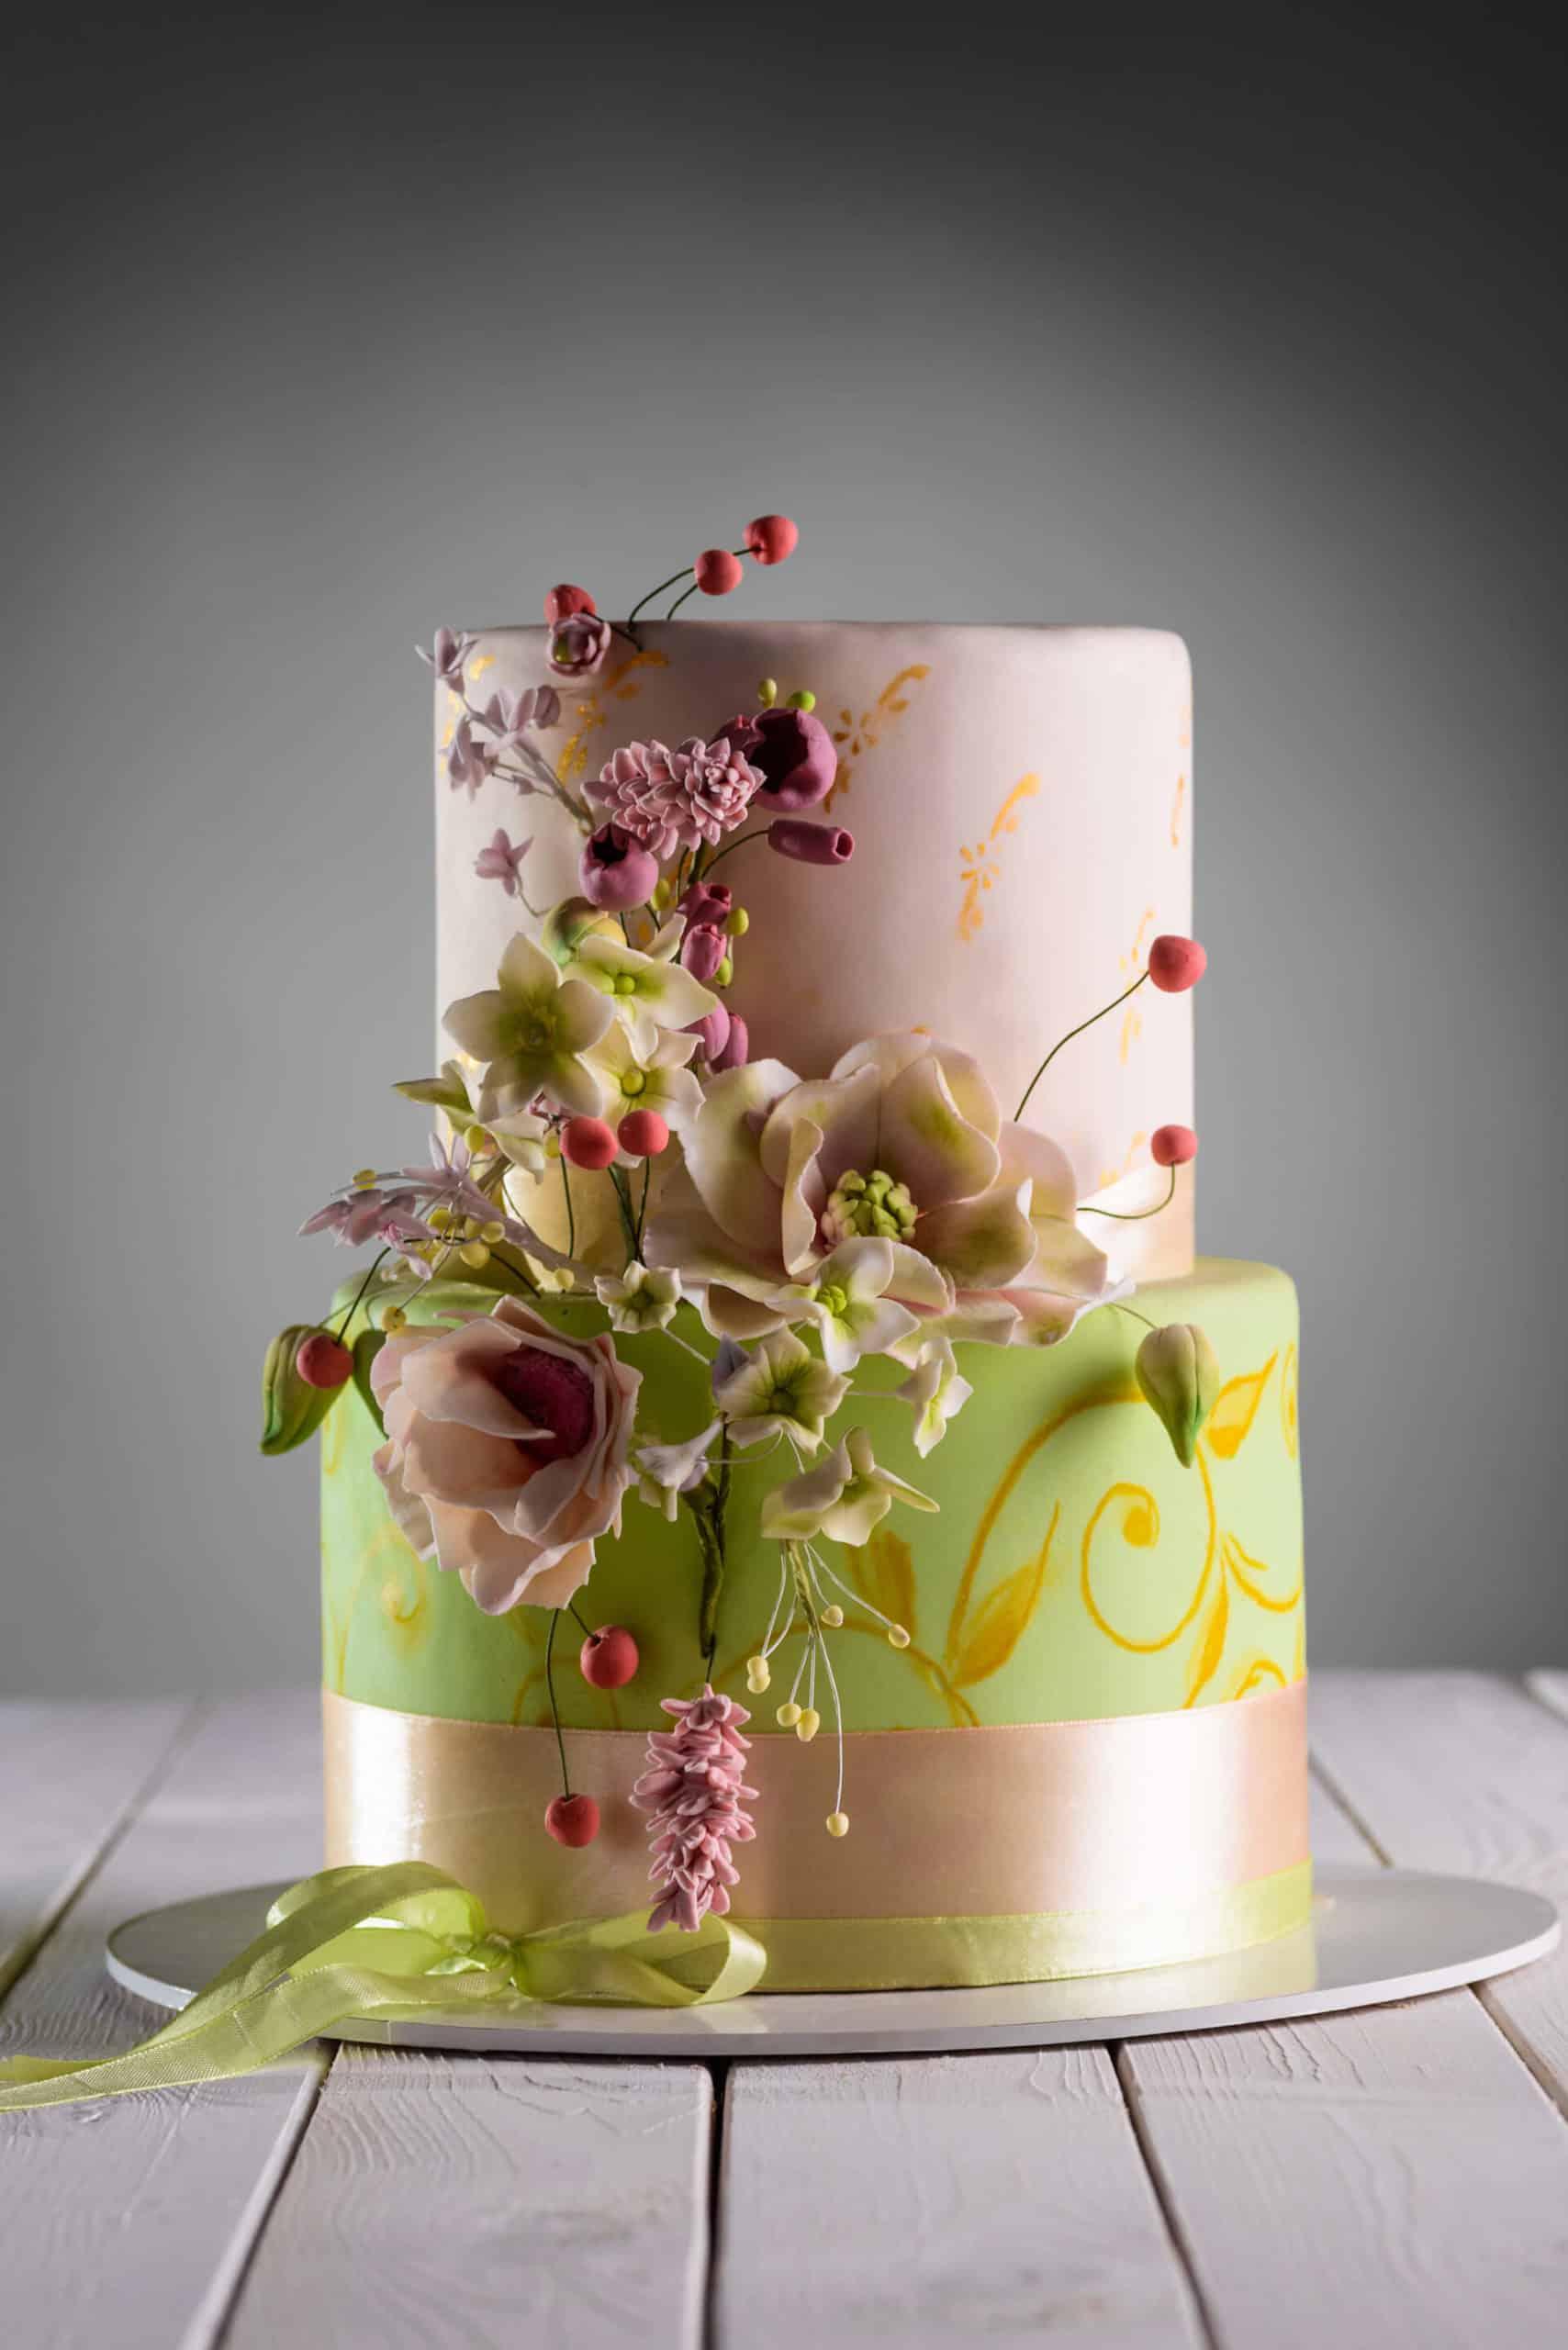 Krásně zdobený dvoupatrový svatební dort v zelenozlatém hávu